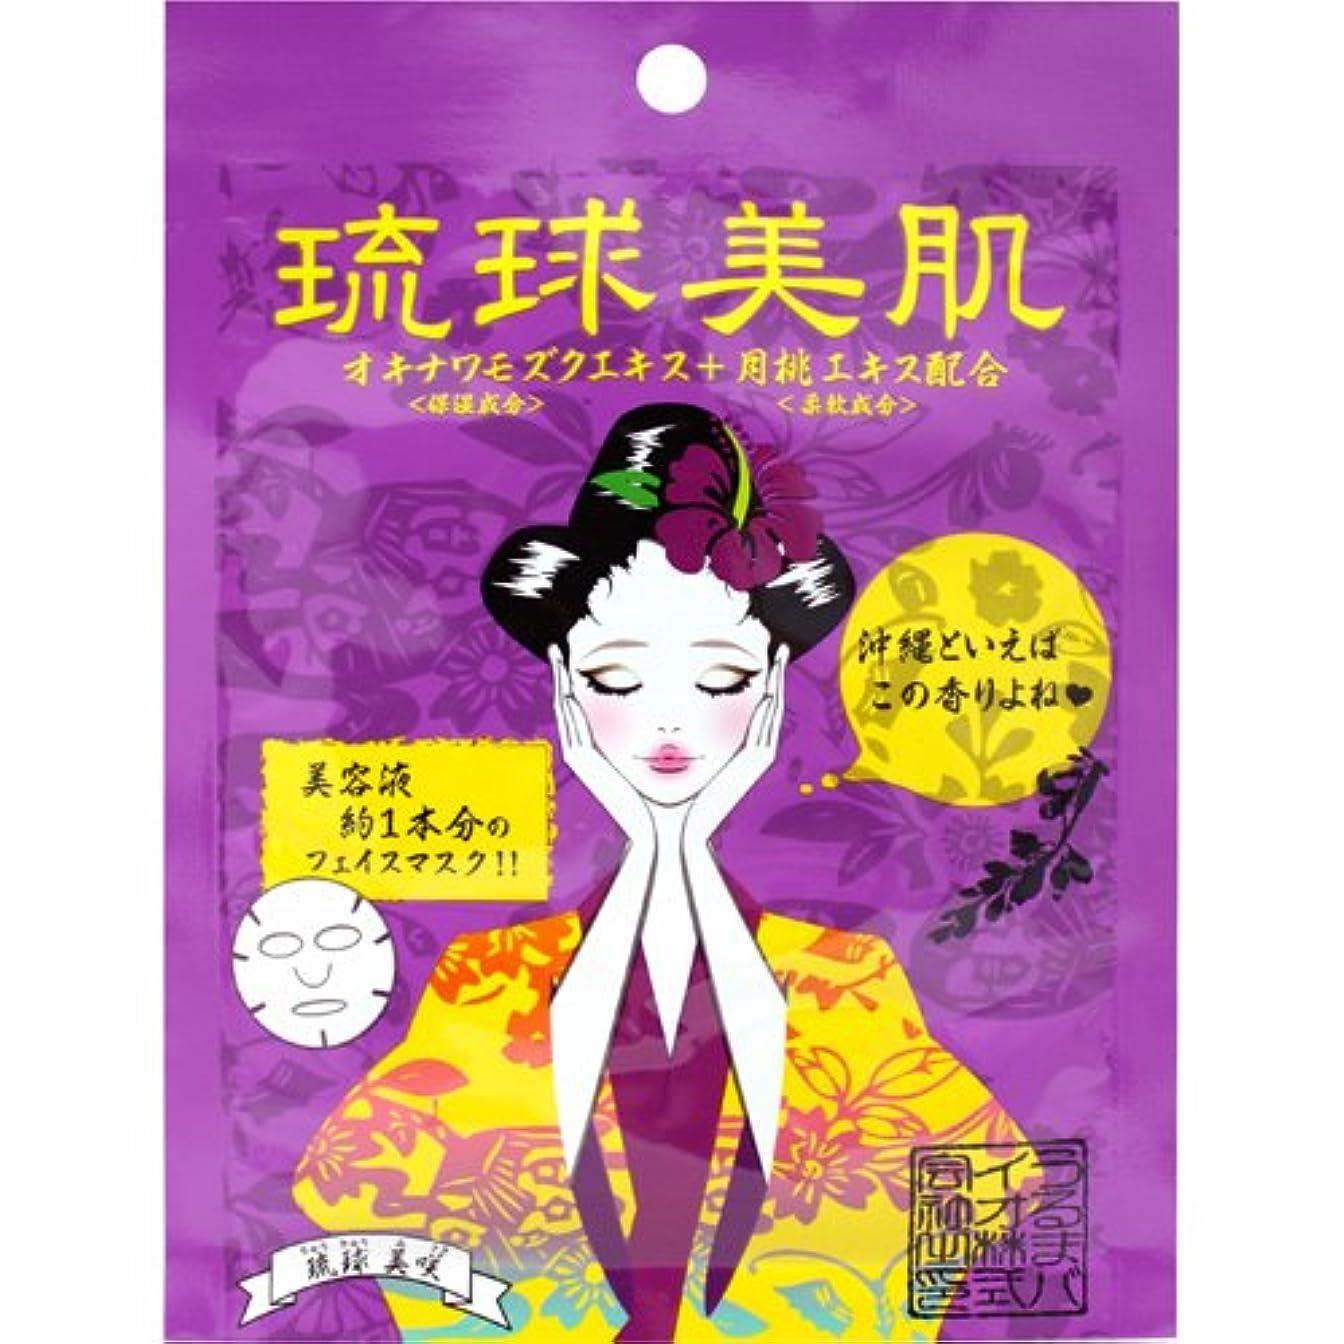 クレデンシャルましいリアル琉球美肌フェイスマスクシート 紫(月桃の香り)×10パック